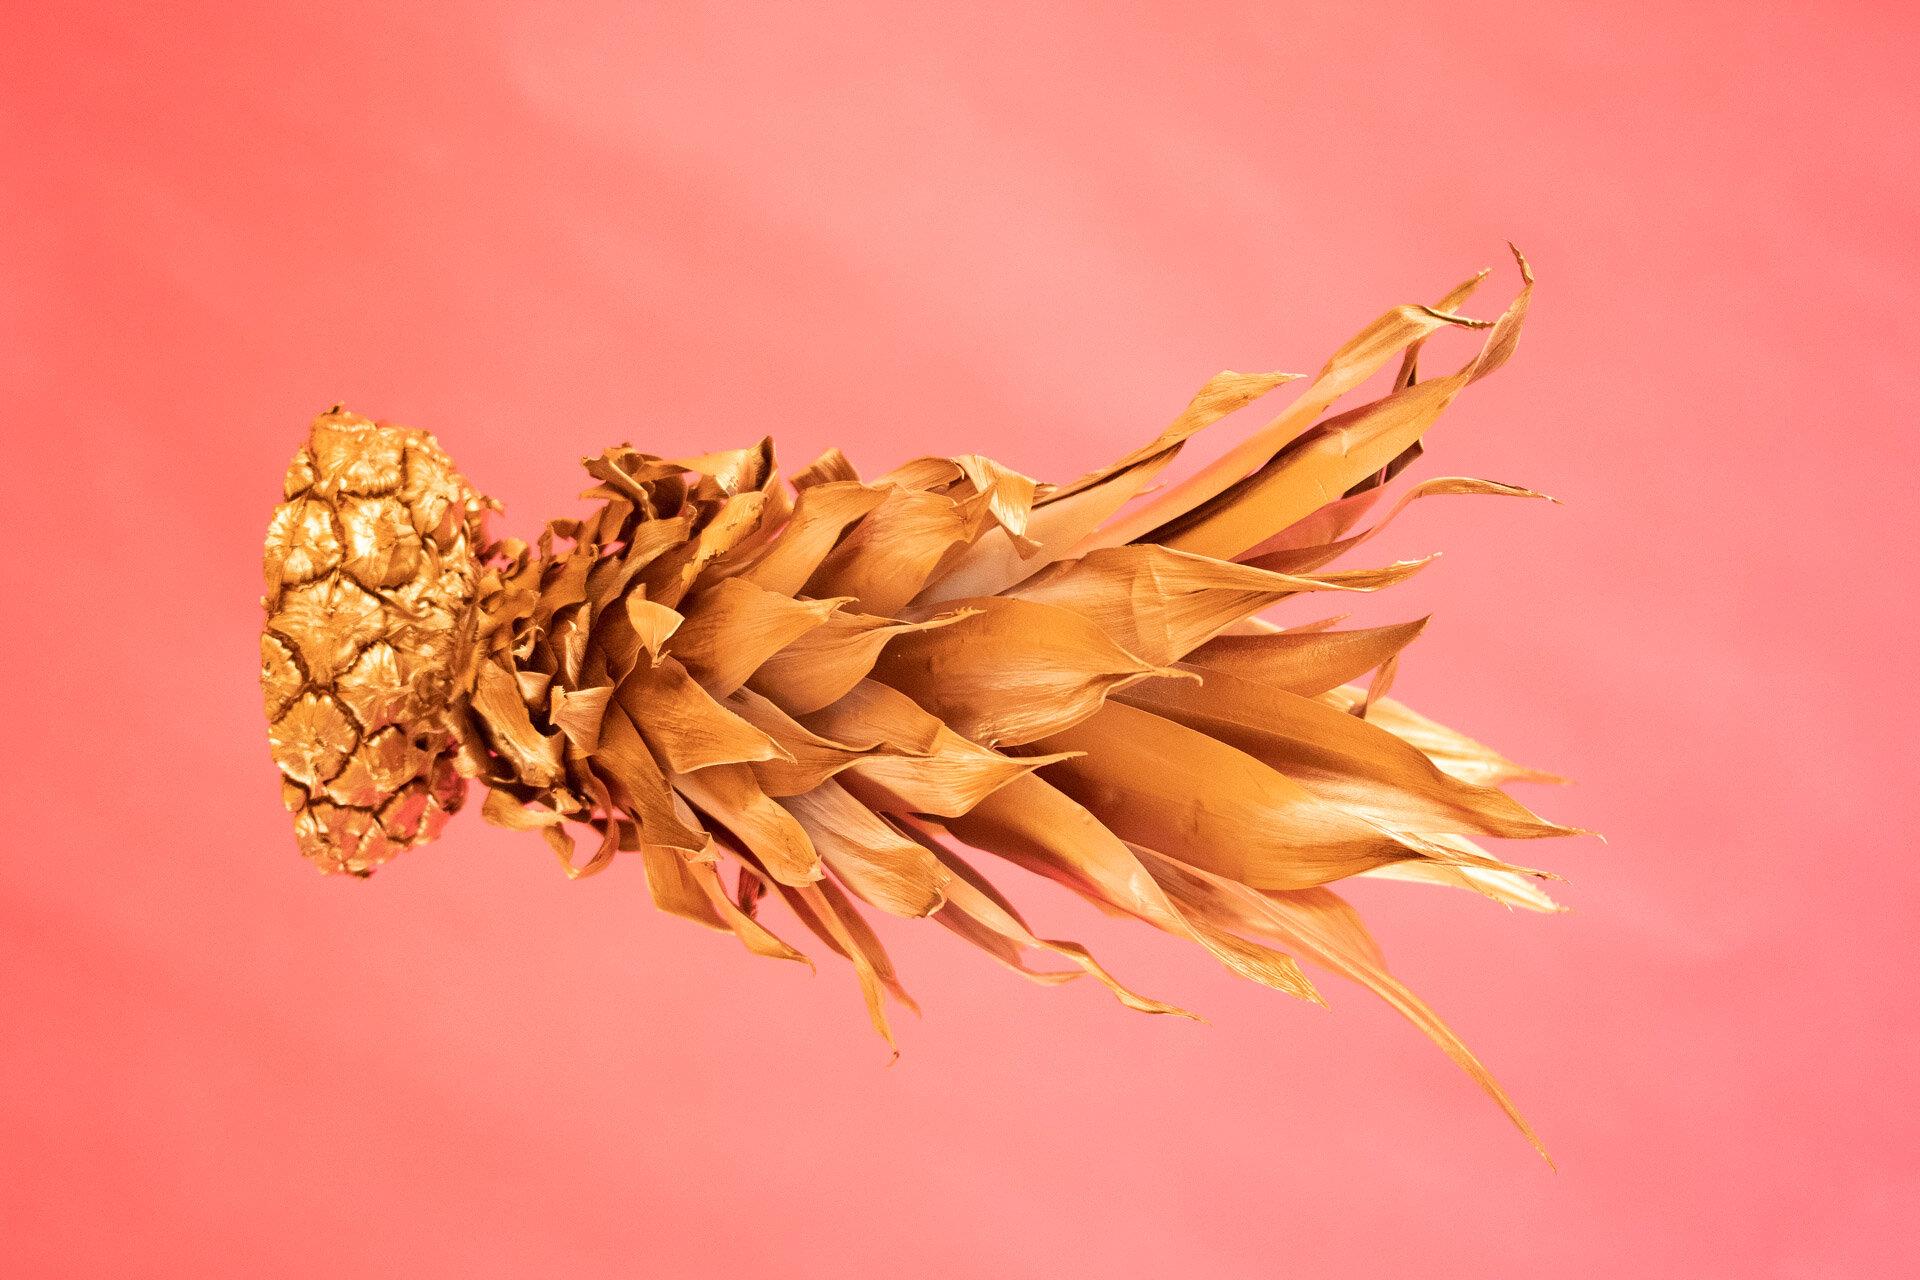 BPP 11 - Golden Pineapple - IG-9.jpg